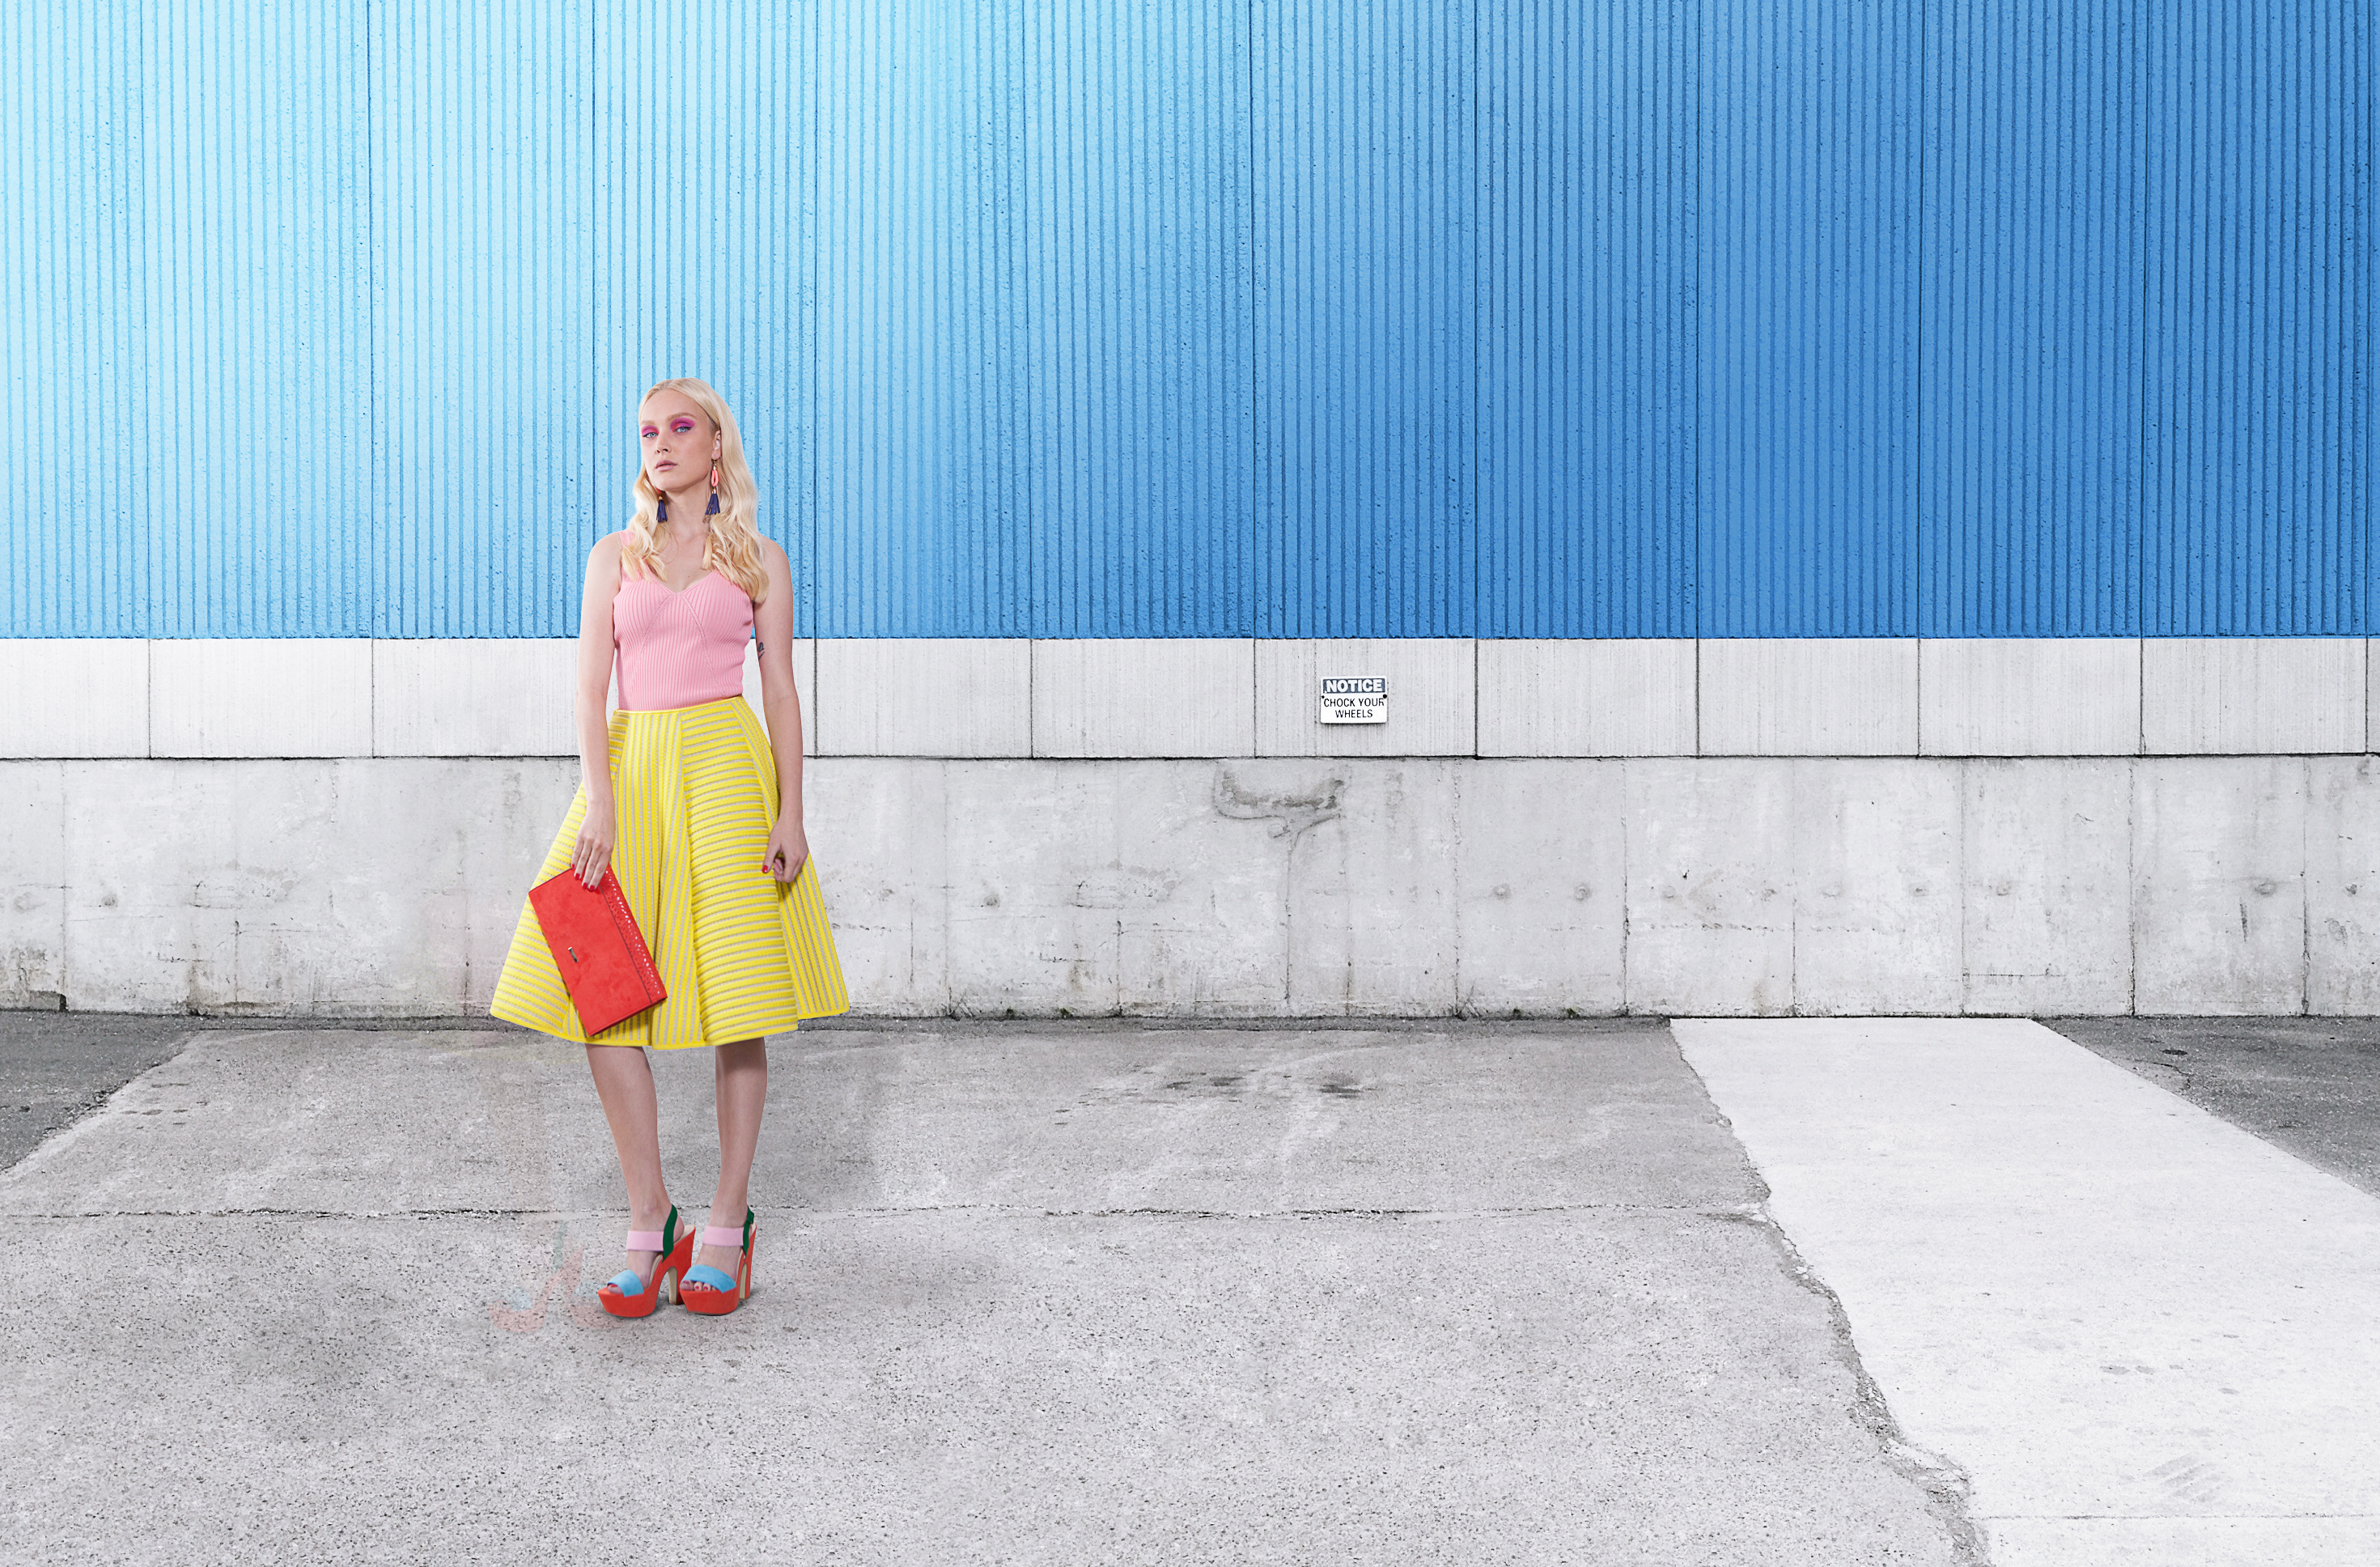 Fashion Model on Blue Wall